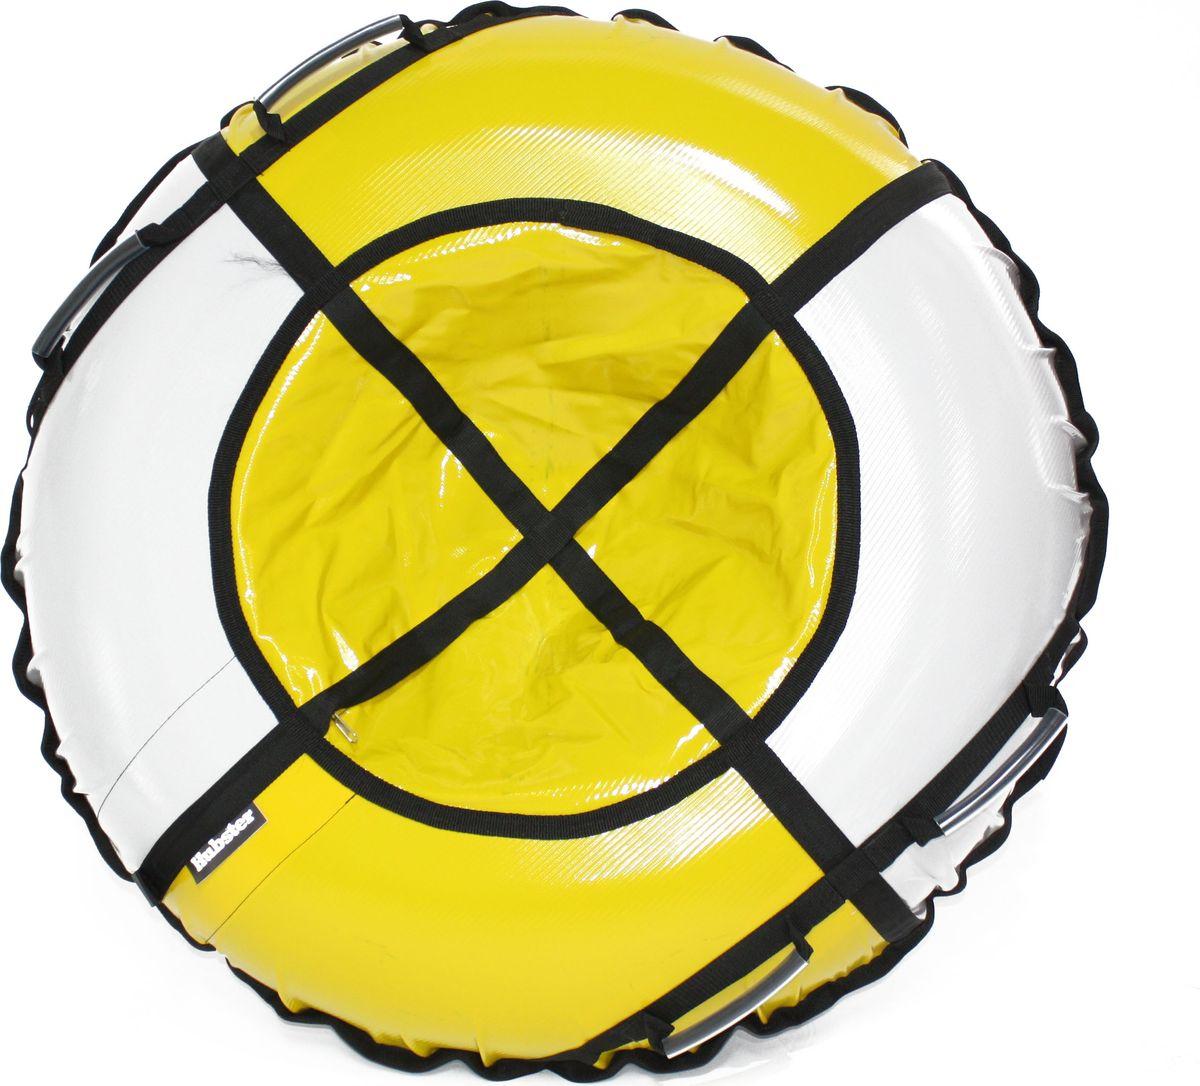 Тюбинг Hubster Sport Plus, цвет: серый, желтый, диаметр 105 смво4328-1Любимая детская зимняя забава - это кататься с горки. А катание на тюбинге надолго запомнится вам и вашим близким. Свежий воздух, веселая компания, веселые развлечения - эти моменты вы будете вспоминать еще долгое время. Материал верха - ПВХ армированный, плотность 650 г/м .Материал дна - ПВХ (усиленная скользкая ткань), плотность 650 г/м.Диаметр в сдутом виде - 105 см.Диаметр в надутом виде - 94 см.Ручки усиленные (нашиты на дополнительную стропу).Кол-во ручек - 4 шт. Молния скрытая, на сиденье.Крепление троса - наружная петля.Длина троса - 1 метр.Нагрузка - до 120 кг.Комплект поставки - ватрушка, трос, камера.Тюбинг не предназначен для буксировки механическими или транспортными средствами (подъемники, канатные дороги, лебедки, автомобиль, снегоход, квадроцикл и т.д.)